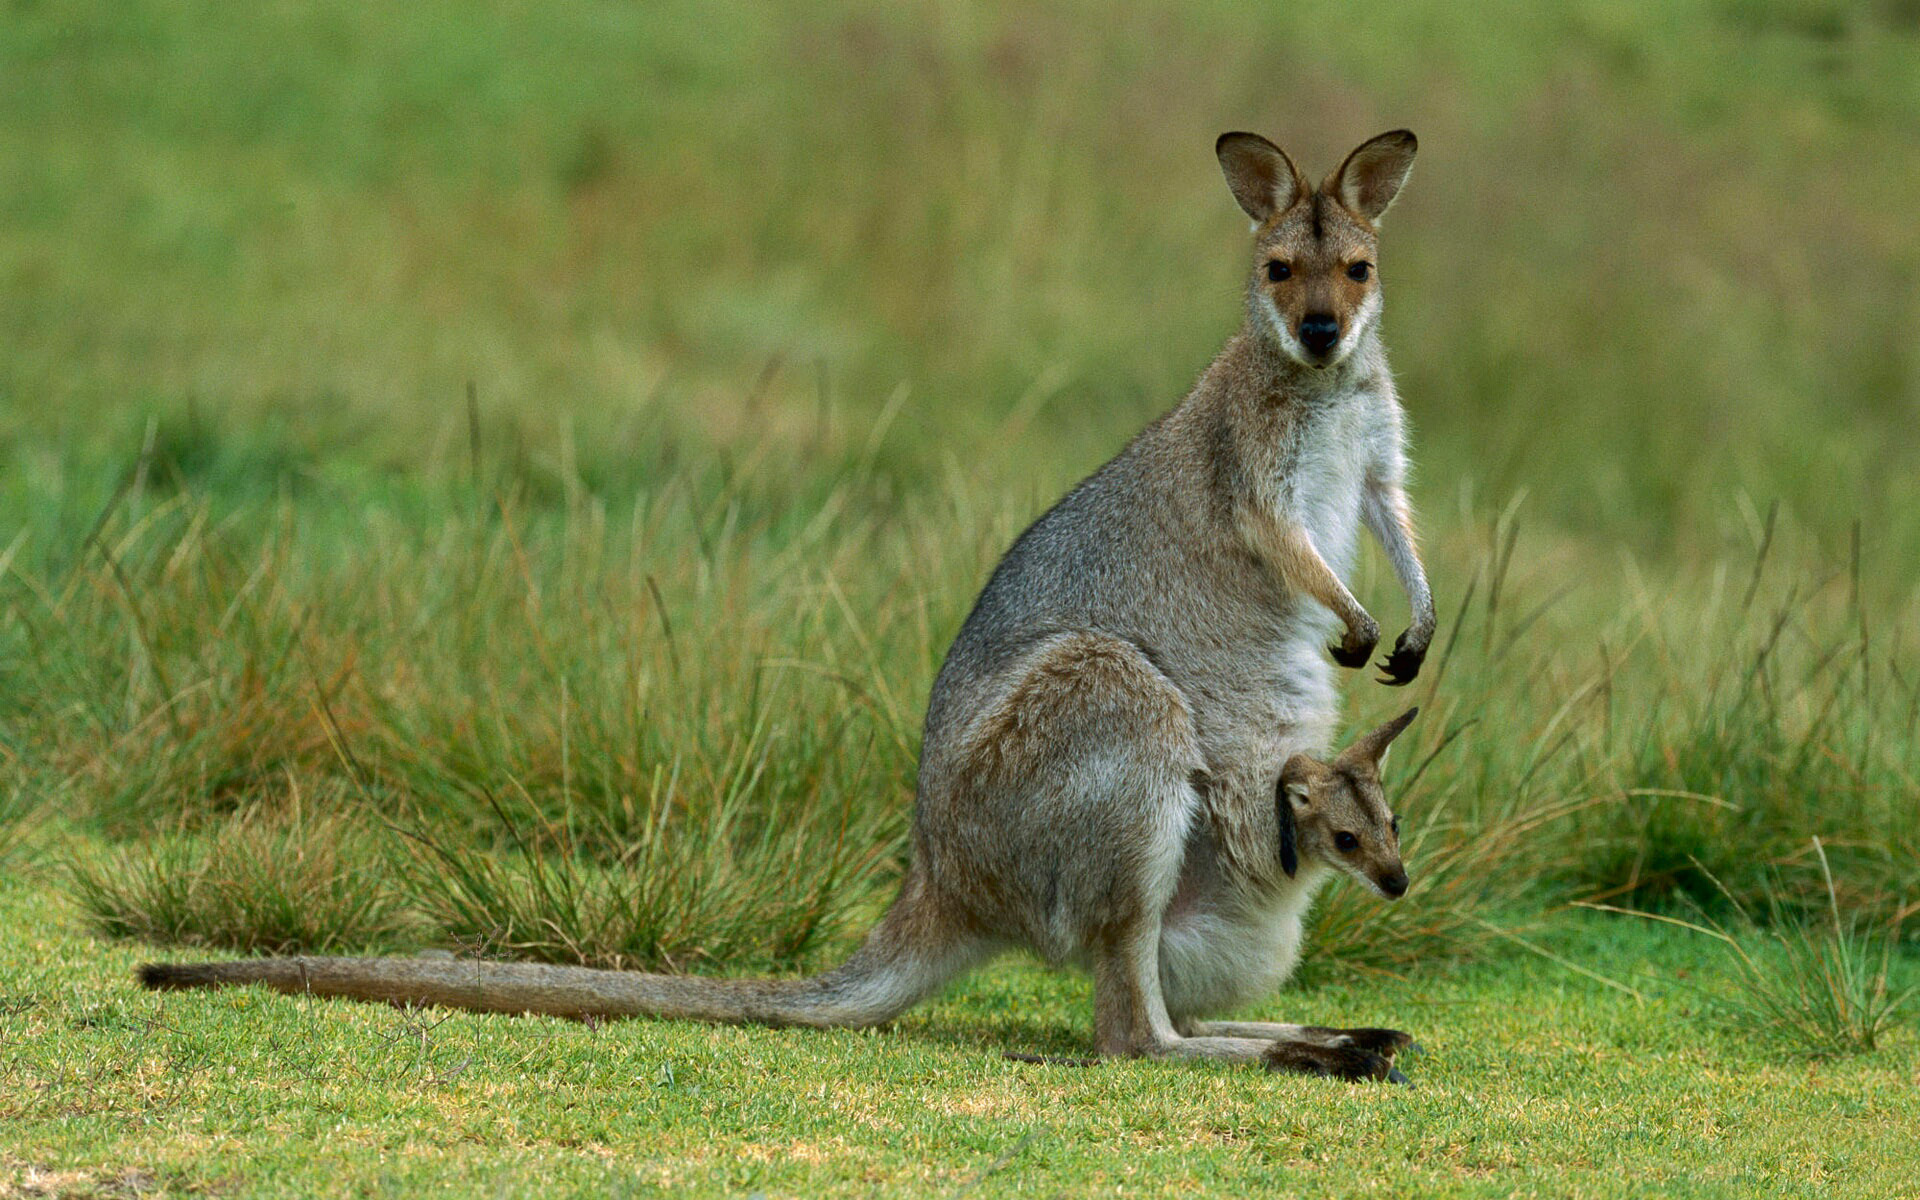 Kangaroo Wallpaper 9